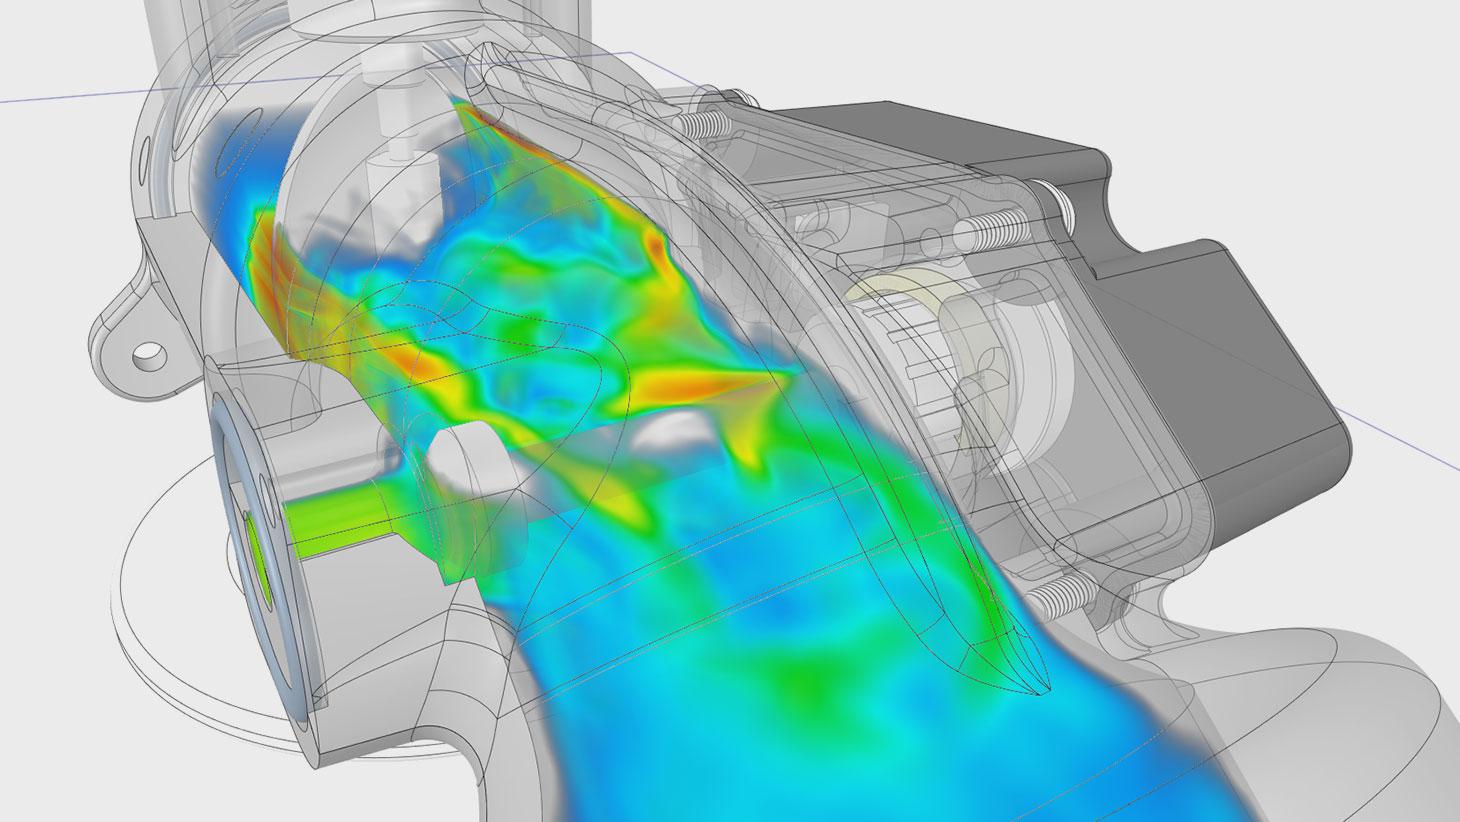 Ansys 2020 R1 favorece a combinação de simulações multifísicas